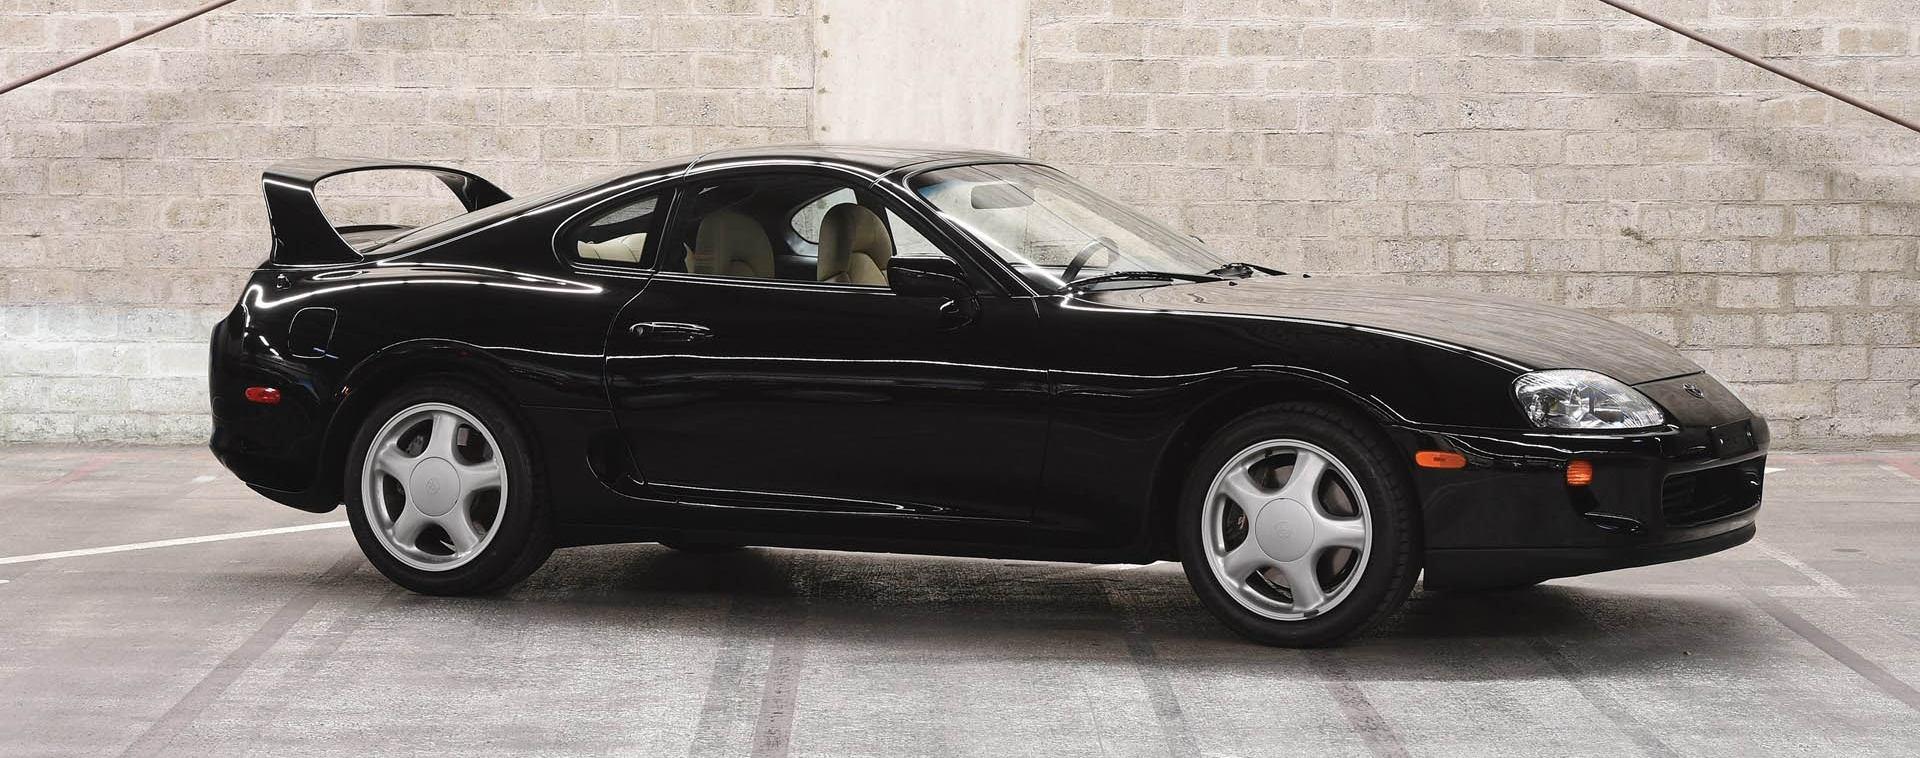 Toyota Supra 1994 10